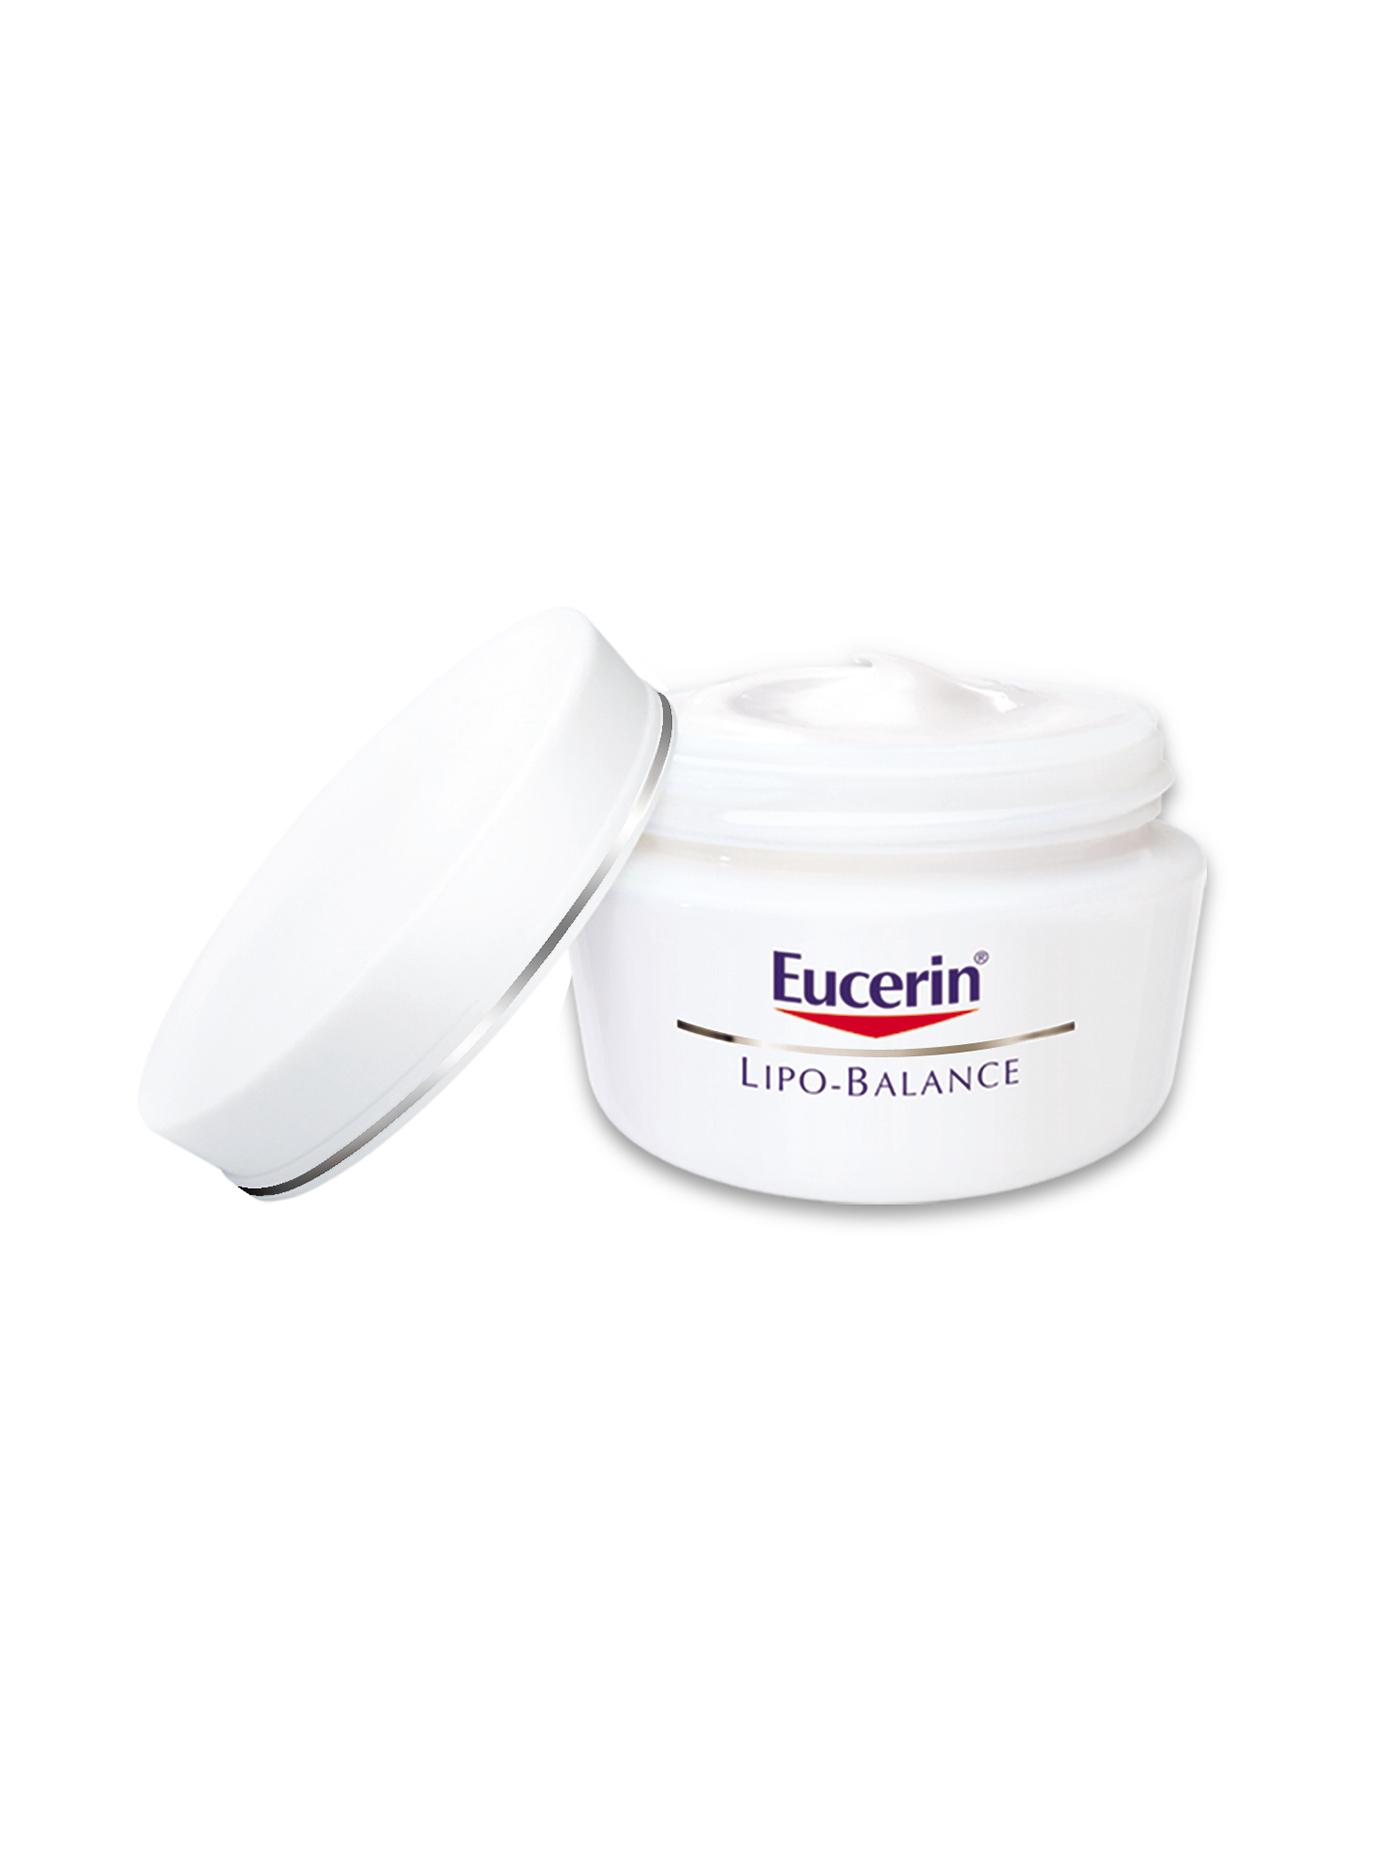 EUCERIN ครีมบำรุงสำหรับผิวแห้ง ไลโป บาลานซ์ ขนาด 50 มล.